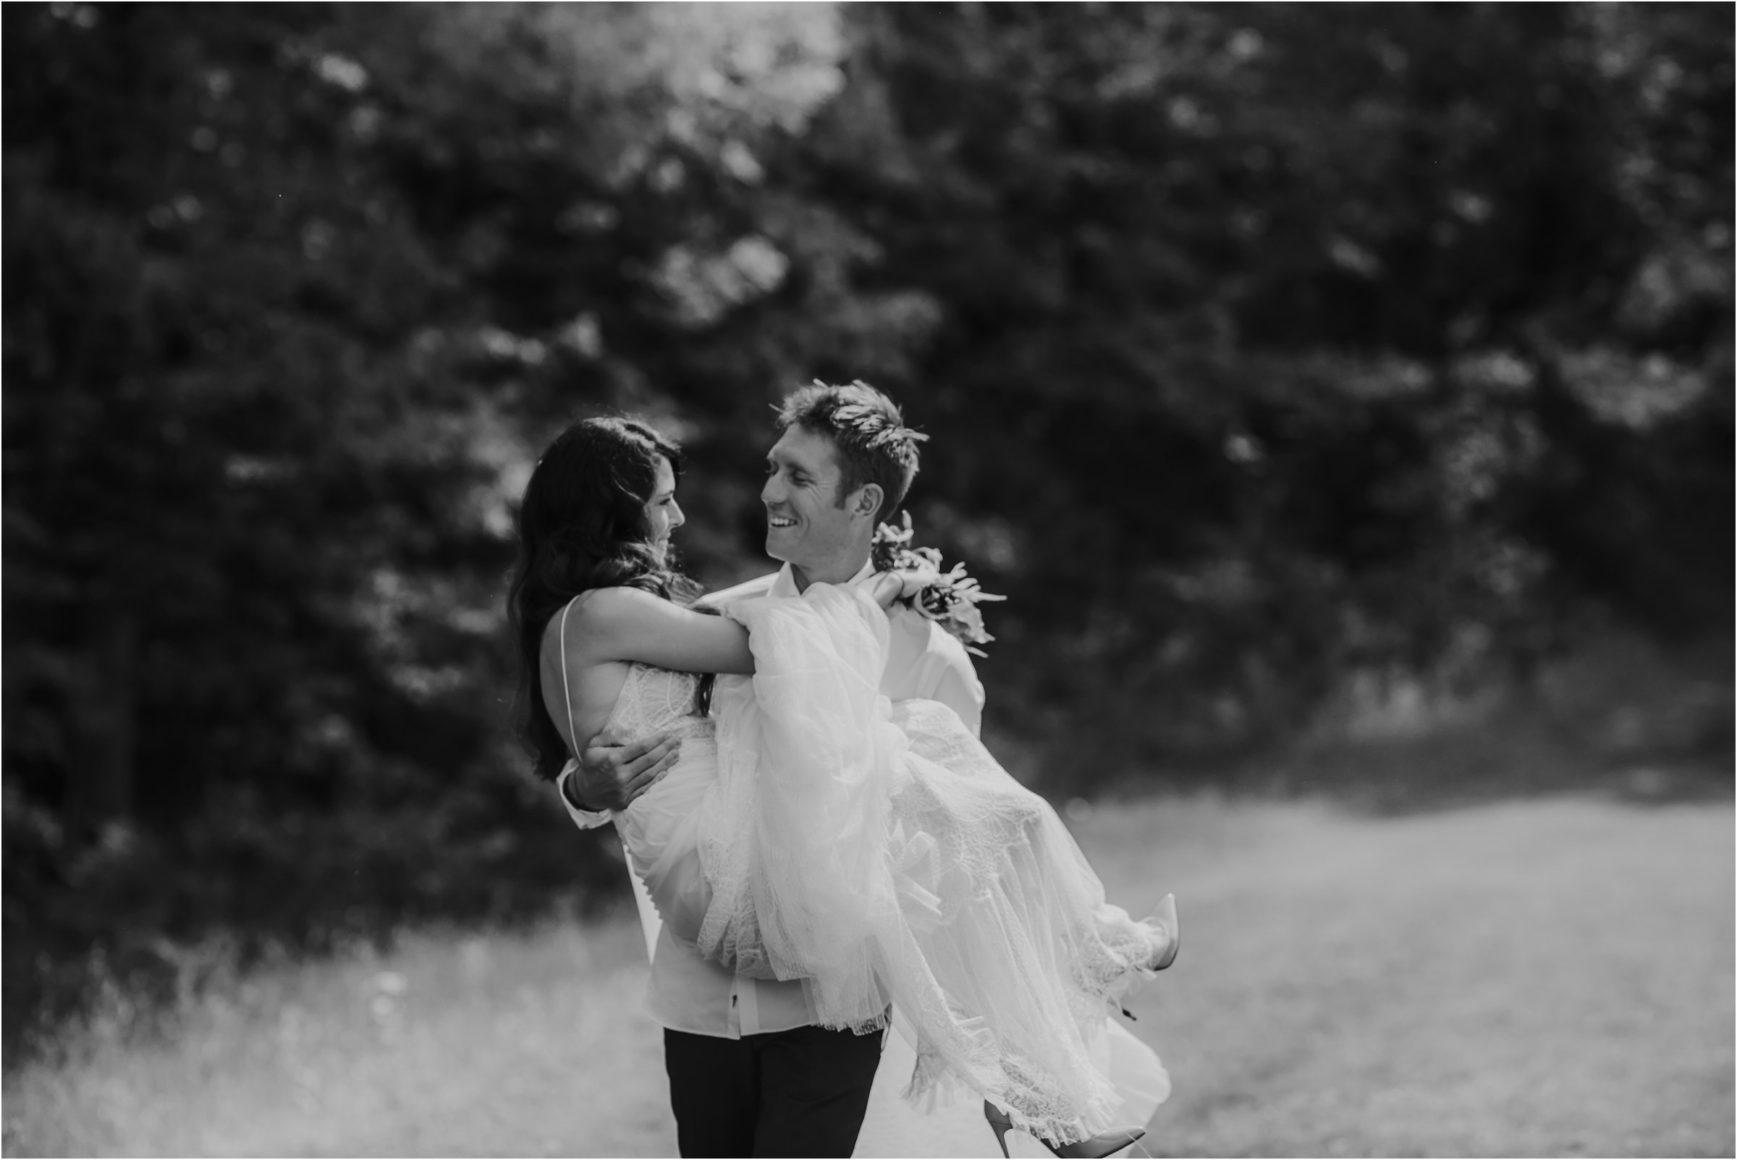 groom carrying bride in wedding dress during elopement